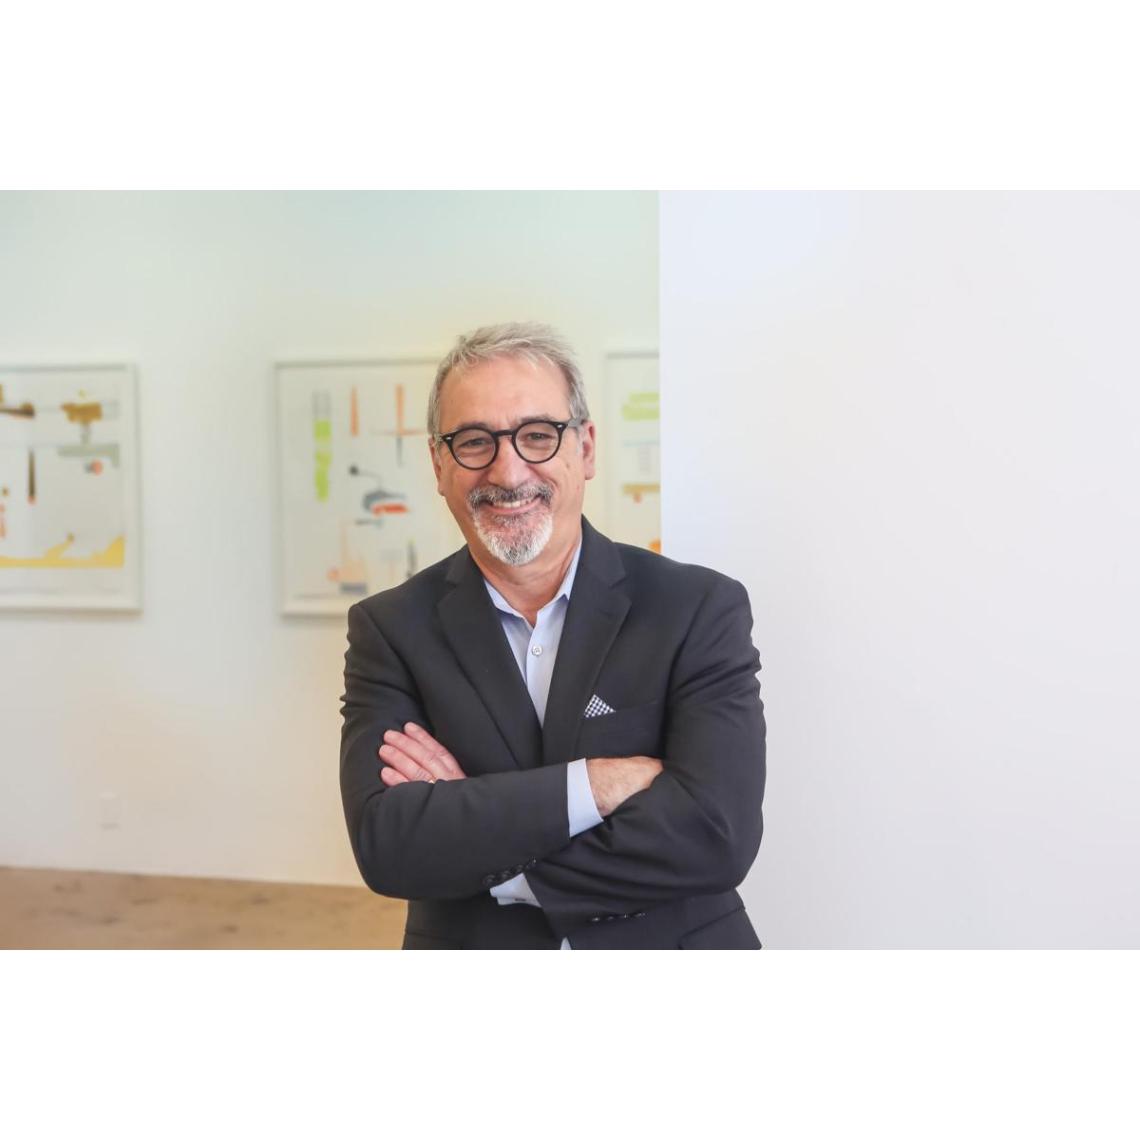 Carmon-Colangelo_LaDue-News_Bruno-David-Gallery_5-3-2018_AINSTA